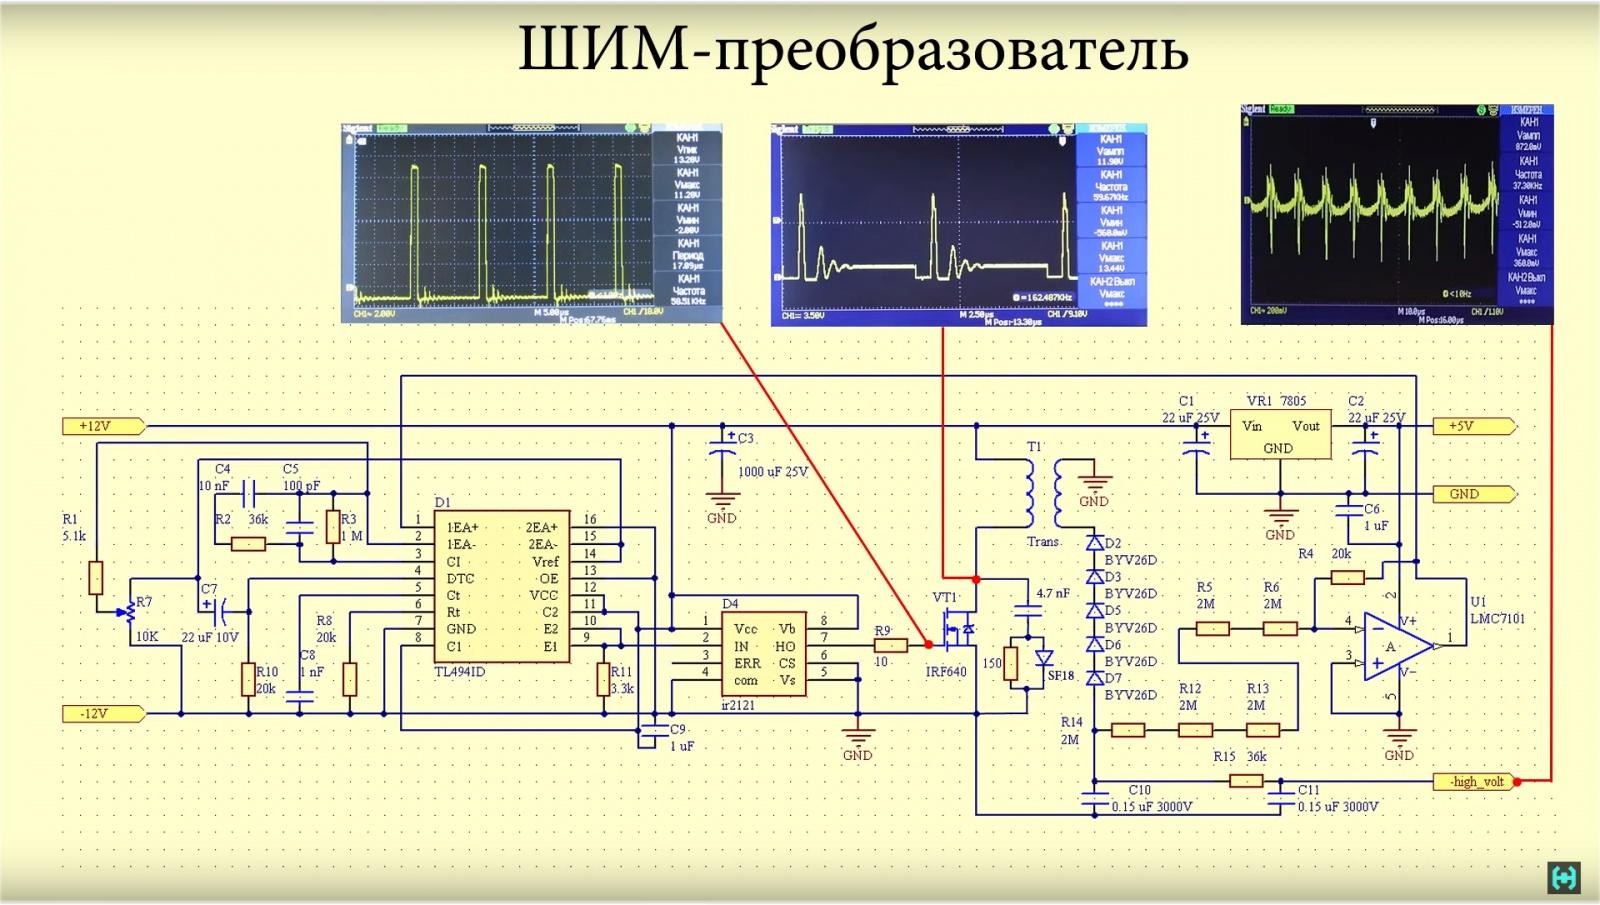 Радиоактивные продукты. Гамма-спектрометр. Часть 1 - 23